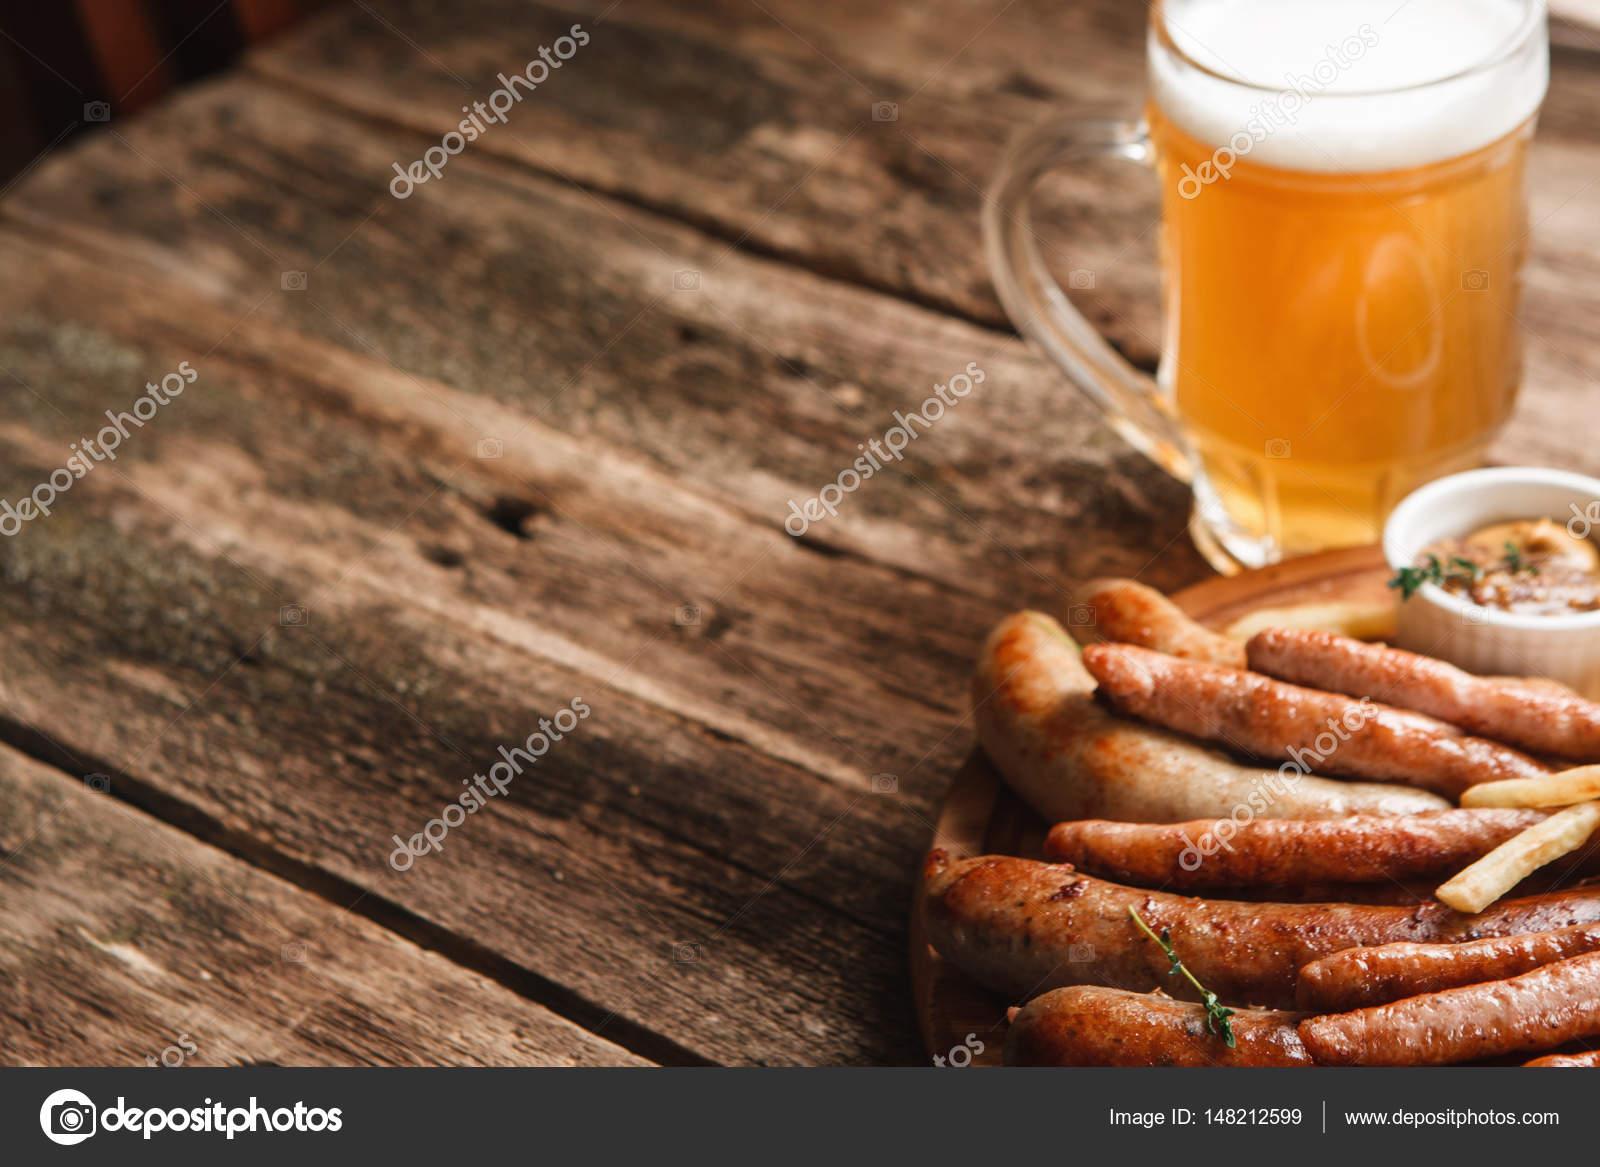 Superb Becher Helles Bier Und Teller Mit Verschiedenen Gegrillten Würstchen,  Nahaufnahme. Deutsch Bar Menü Foto. Hölzerne Hintergrund Mit Textfreiraum U2014  Foto Von ...